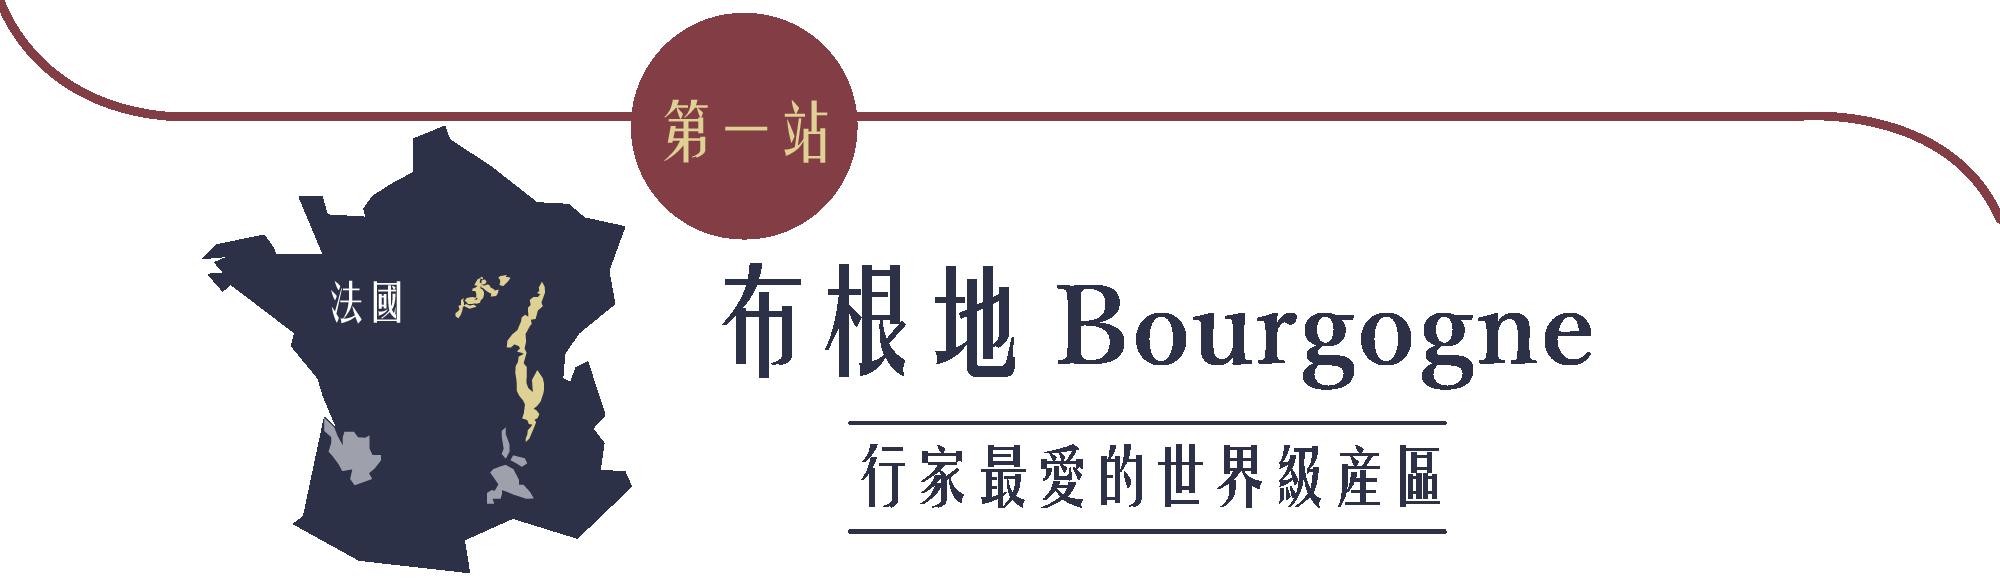 布根地,Bourgogne,行家最愛的世界級產區